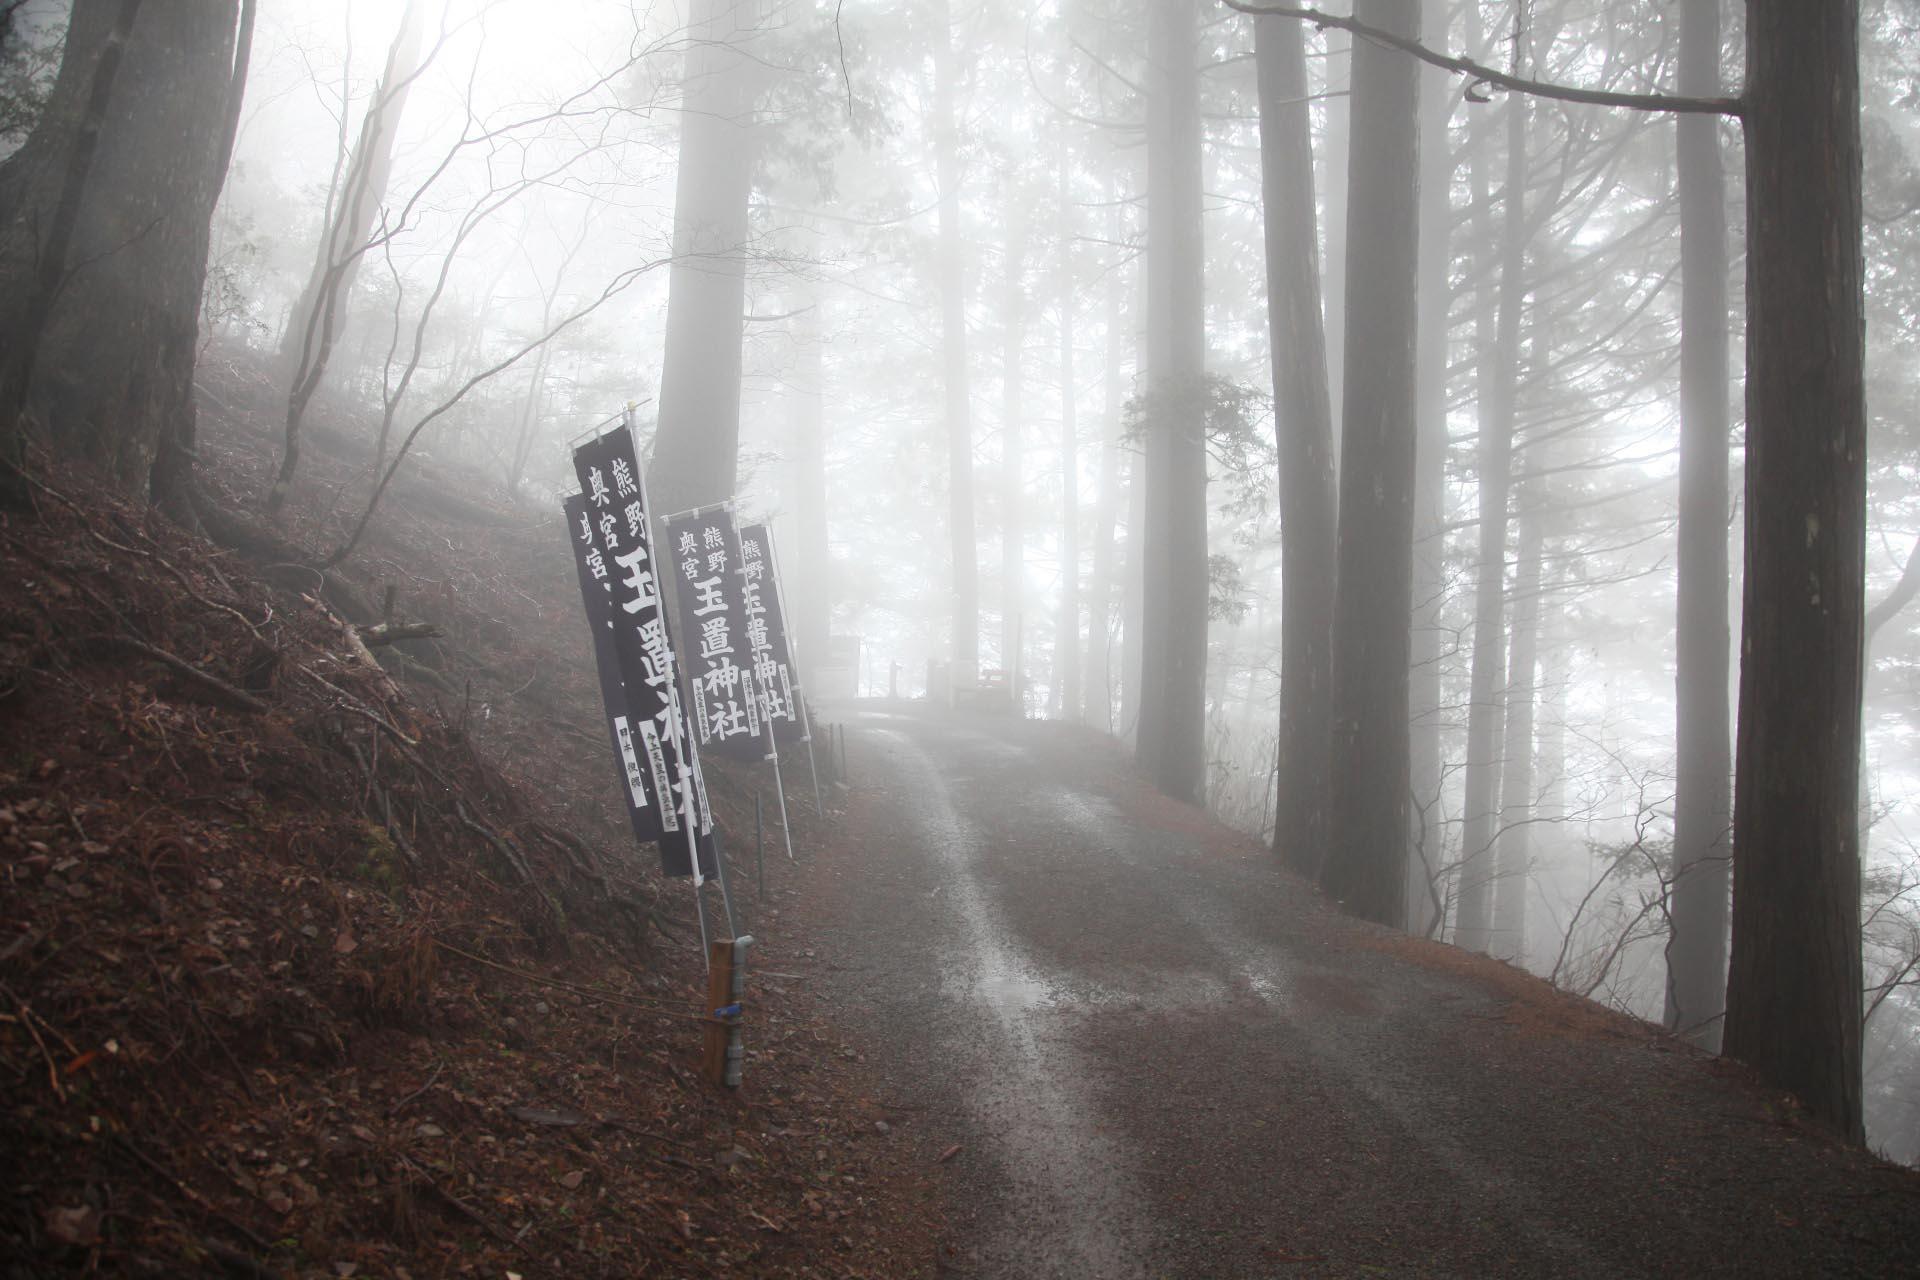 霧の中の玉置神社参道 奈良の風景